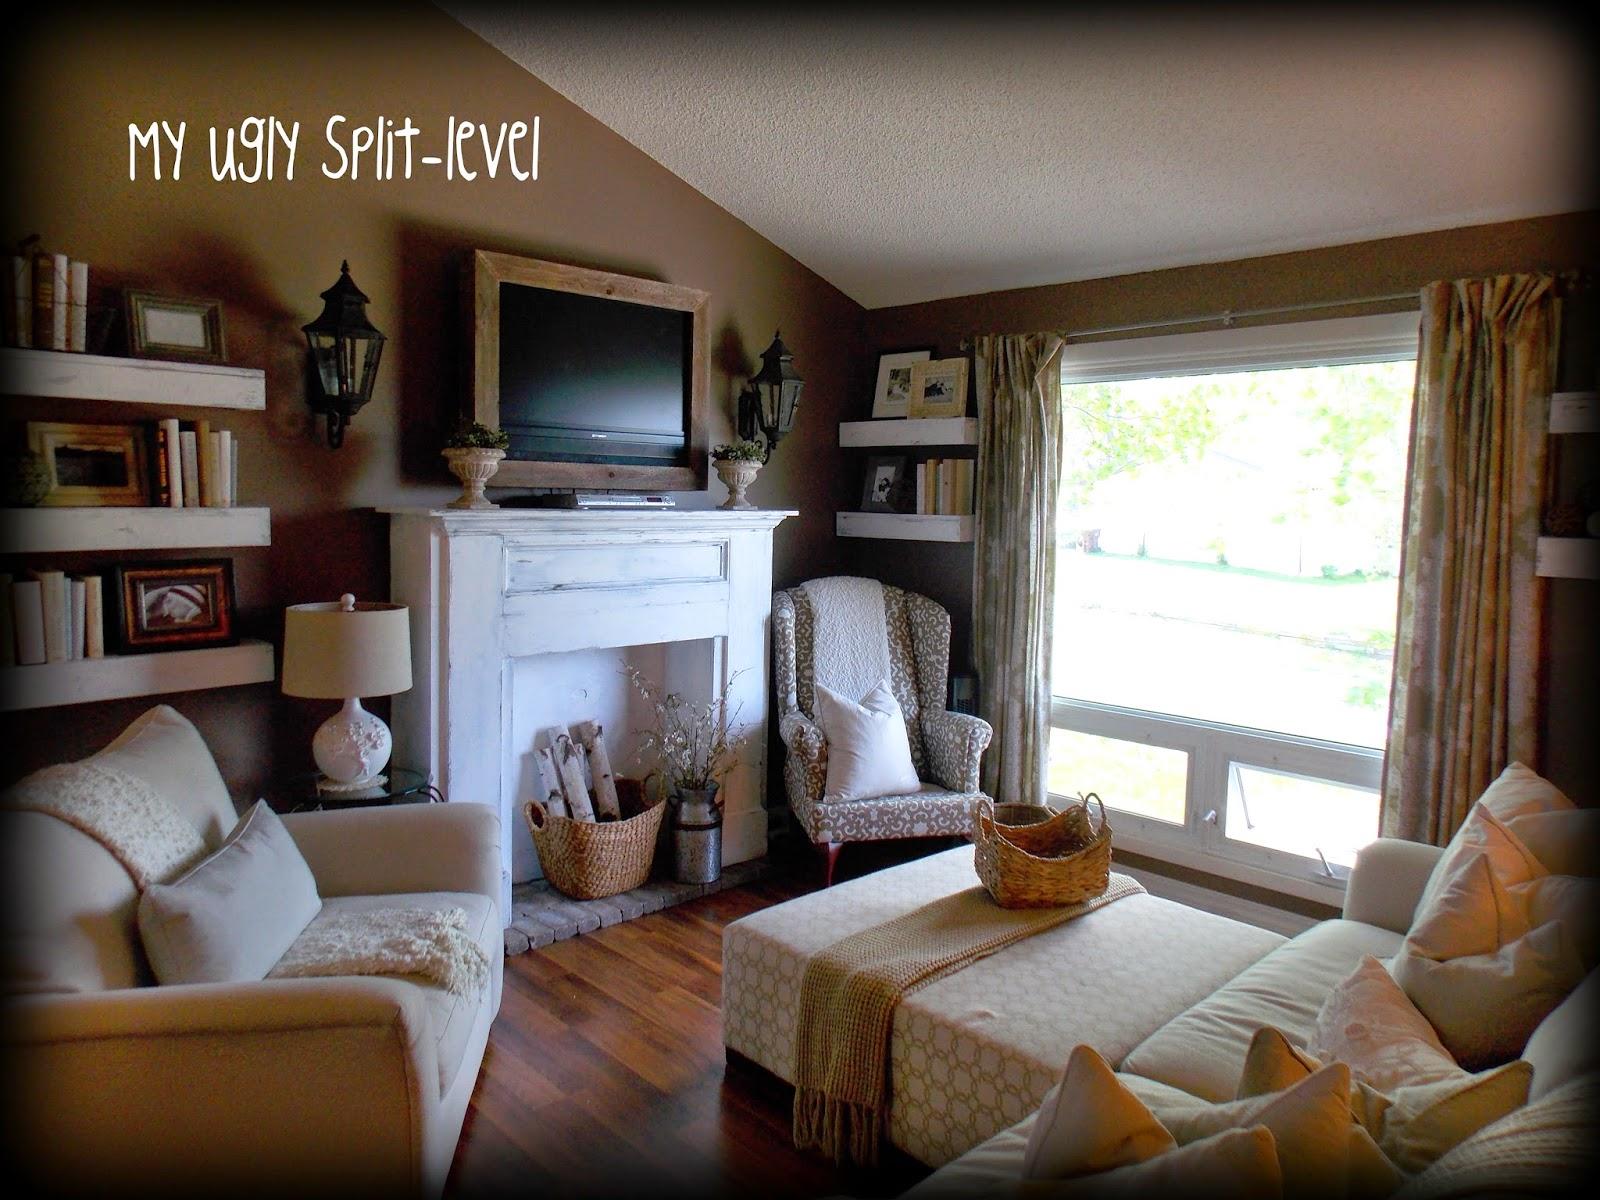 My Ugly Split-level: DIY Living Room Shelves